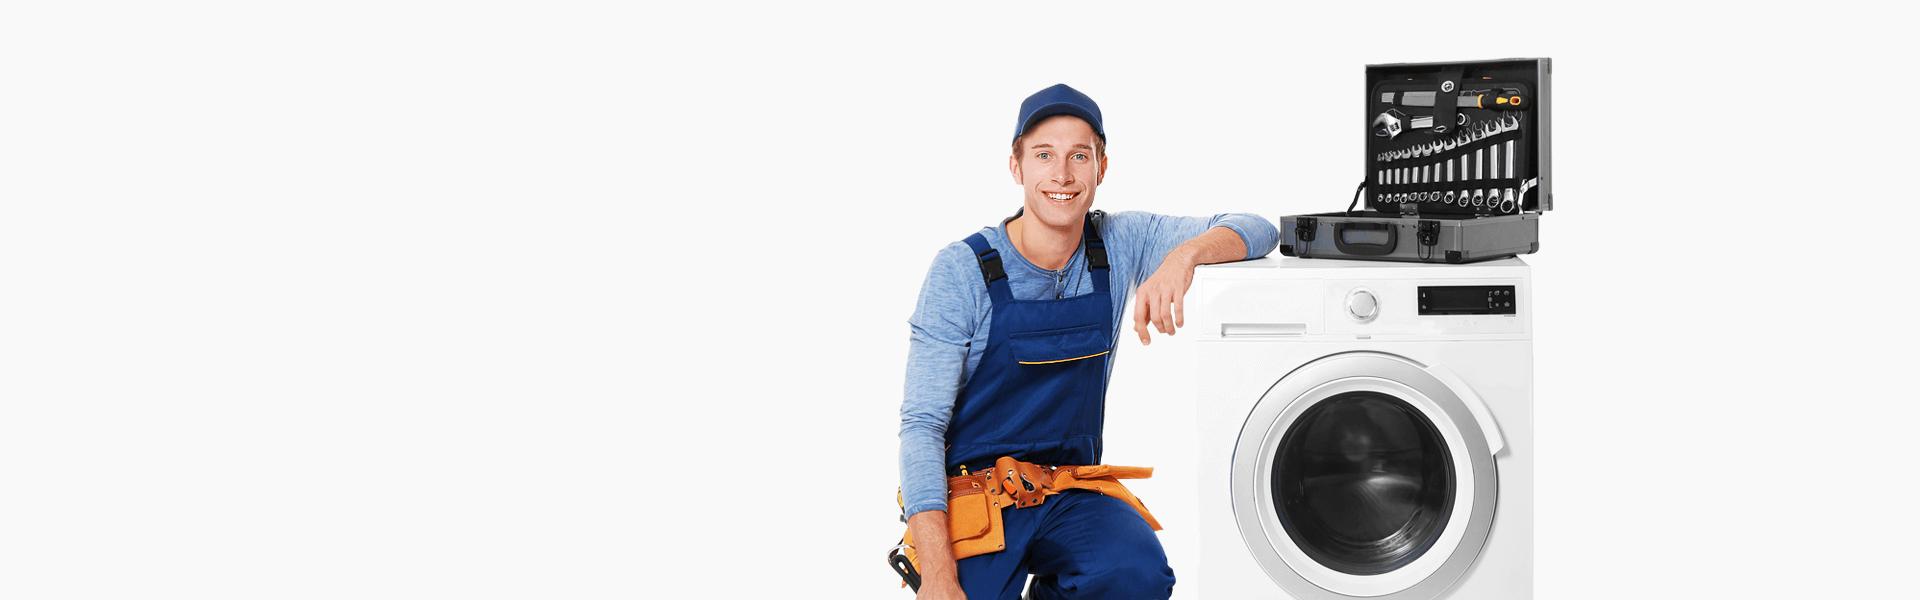 Диагностика и ремонт стиральных машин на дому